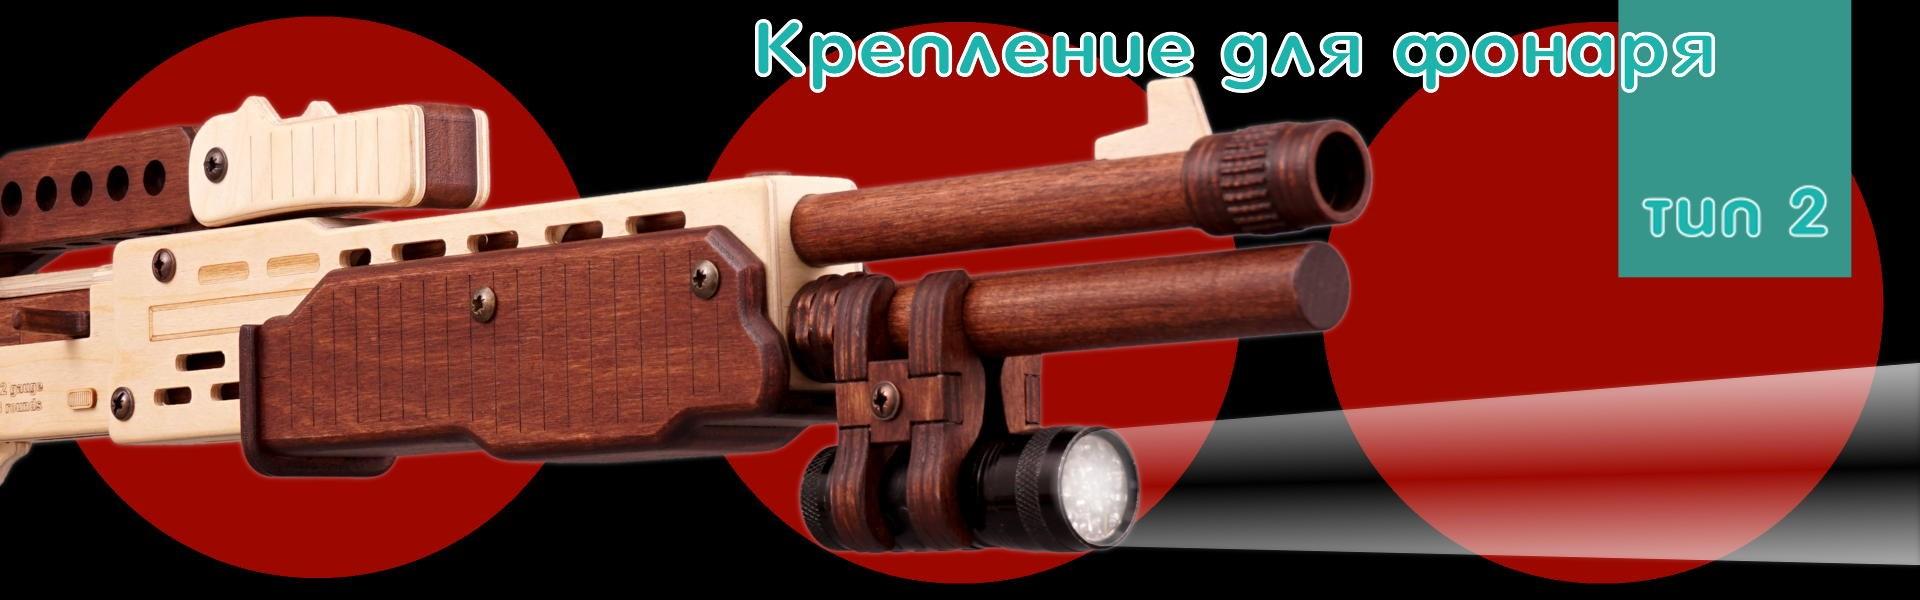 Крепление для фонаря тип 2 - фото 5342